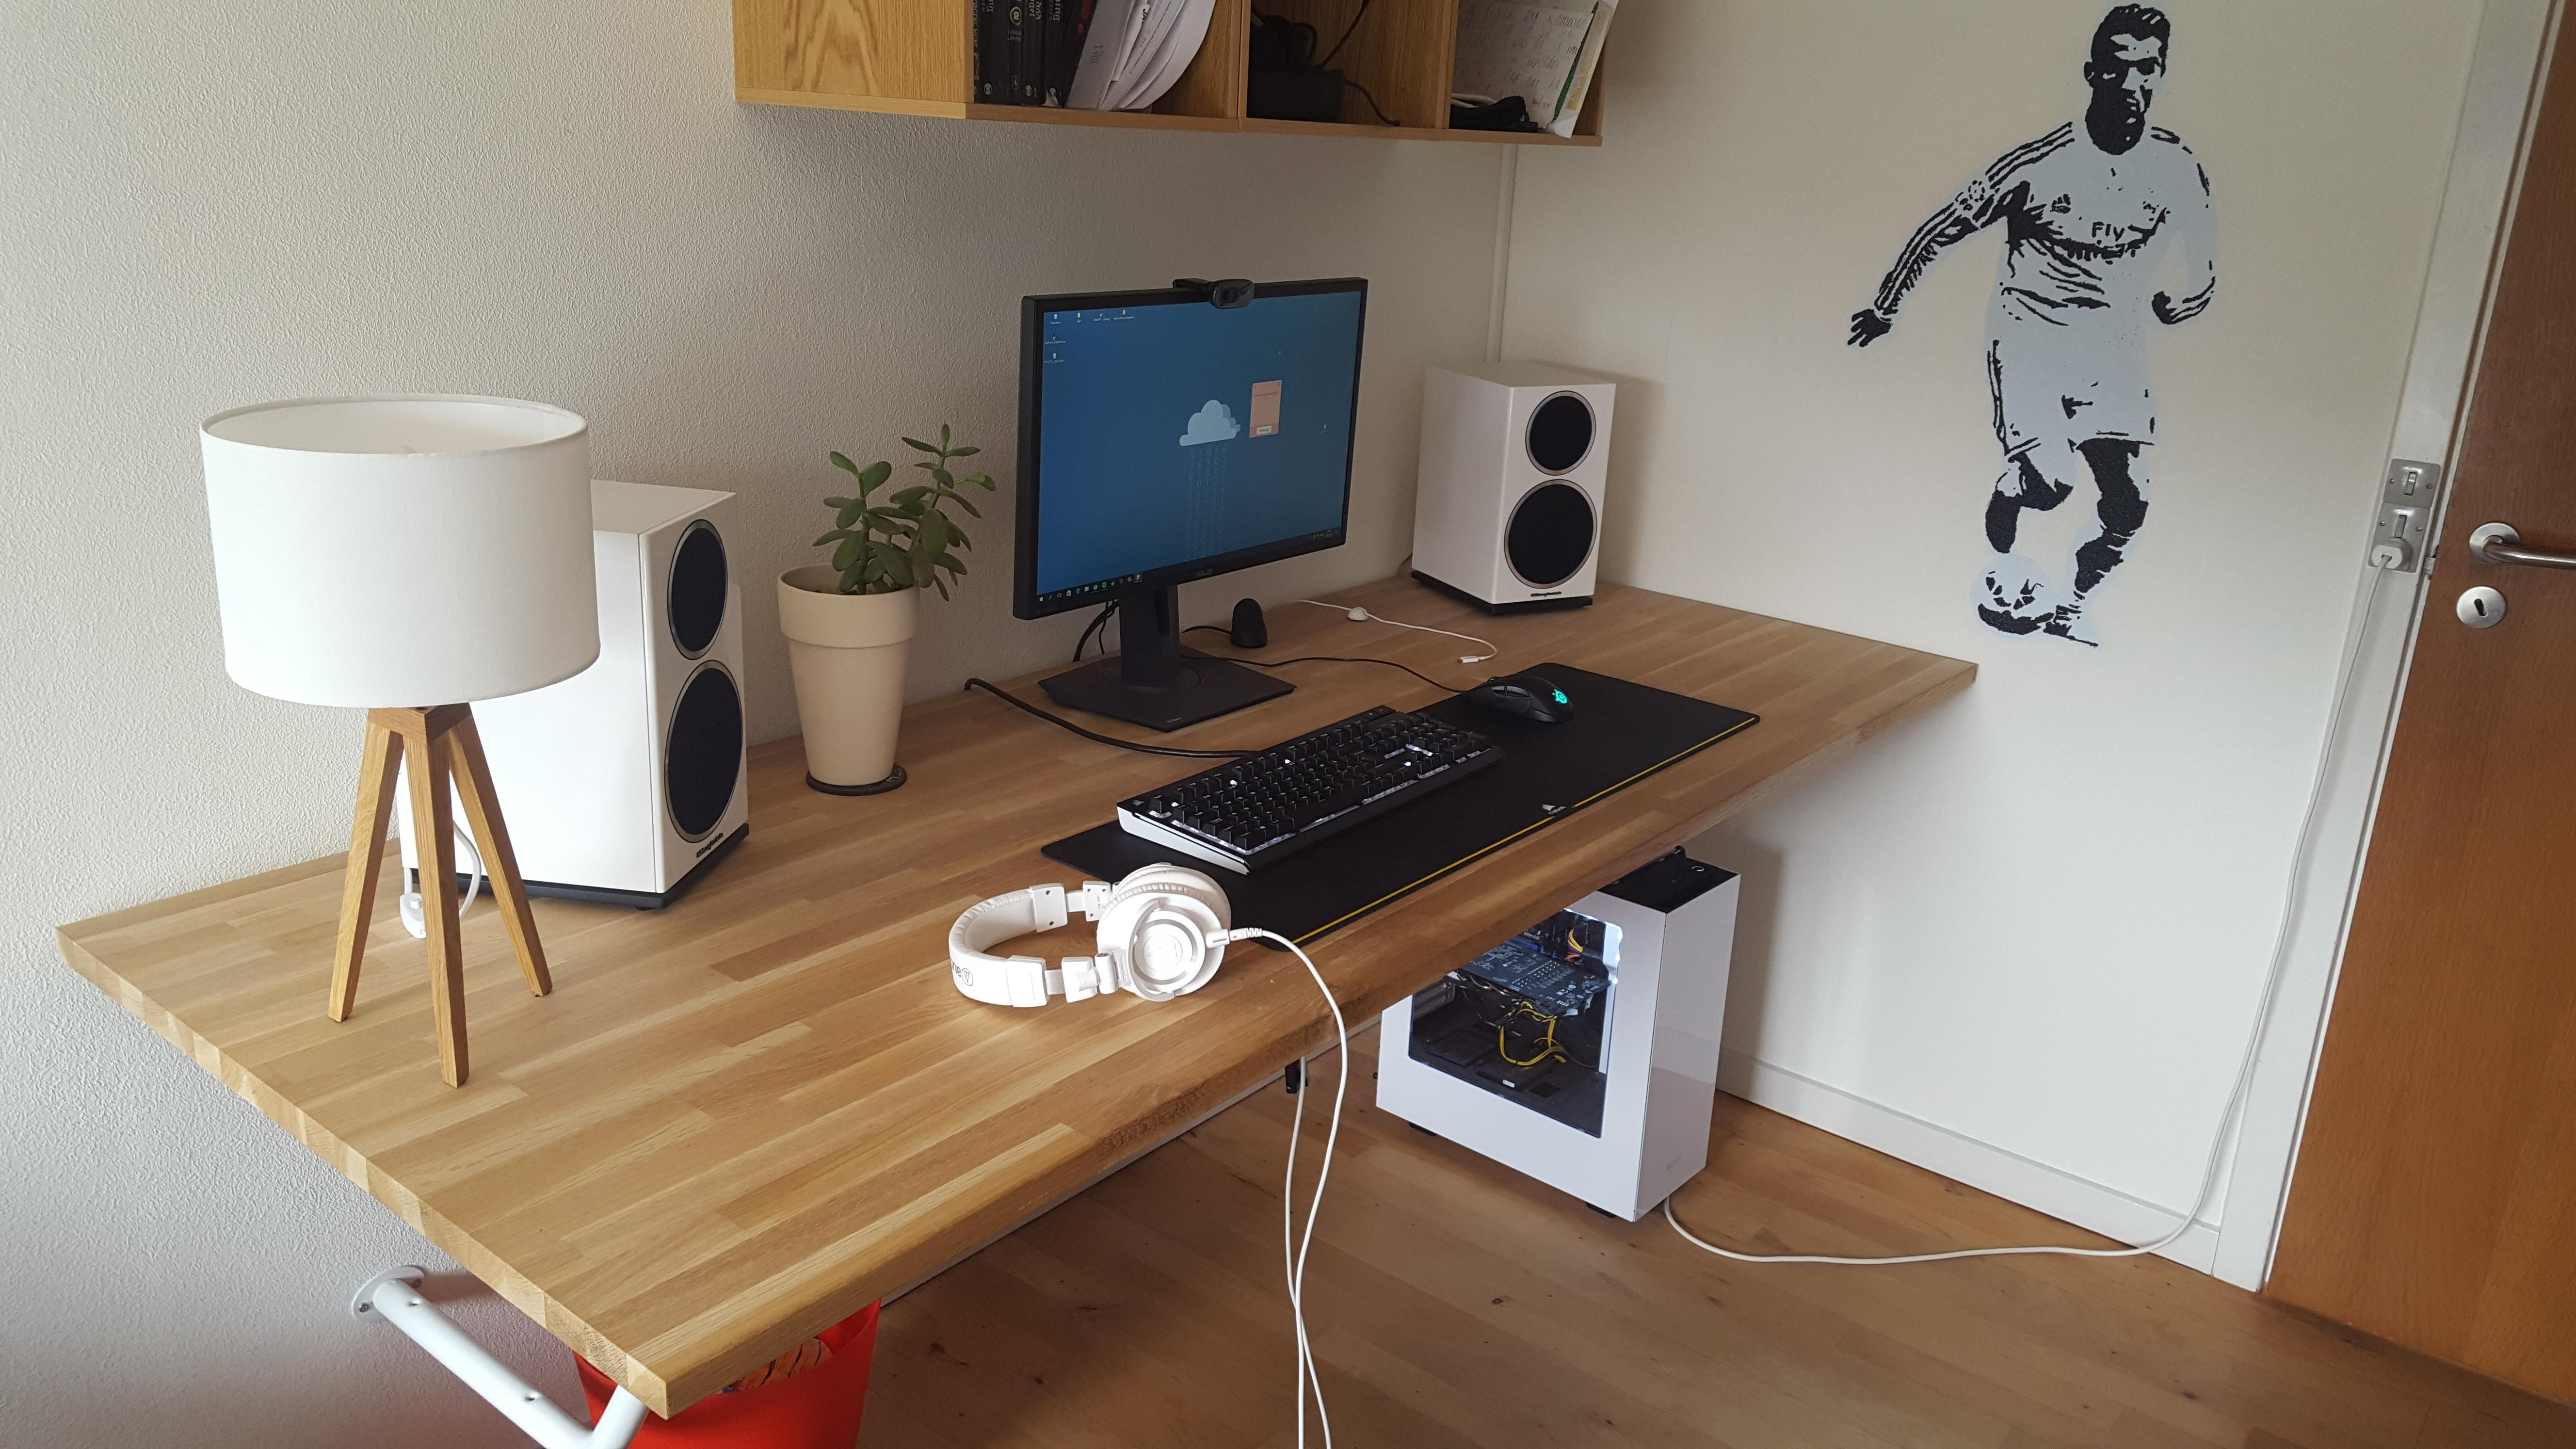 Homemade Desk And Wallpainting Game Room Homemade Desk Desk